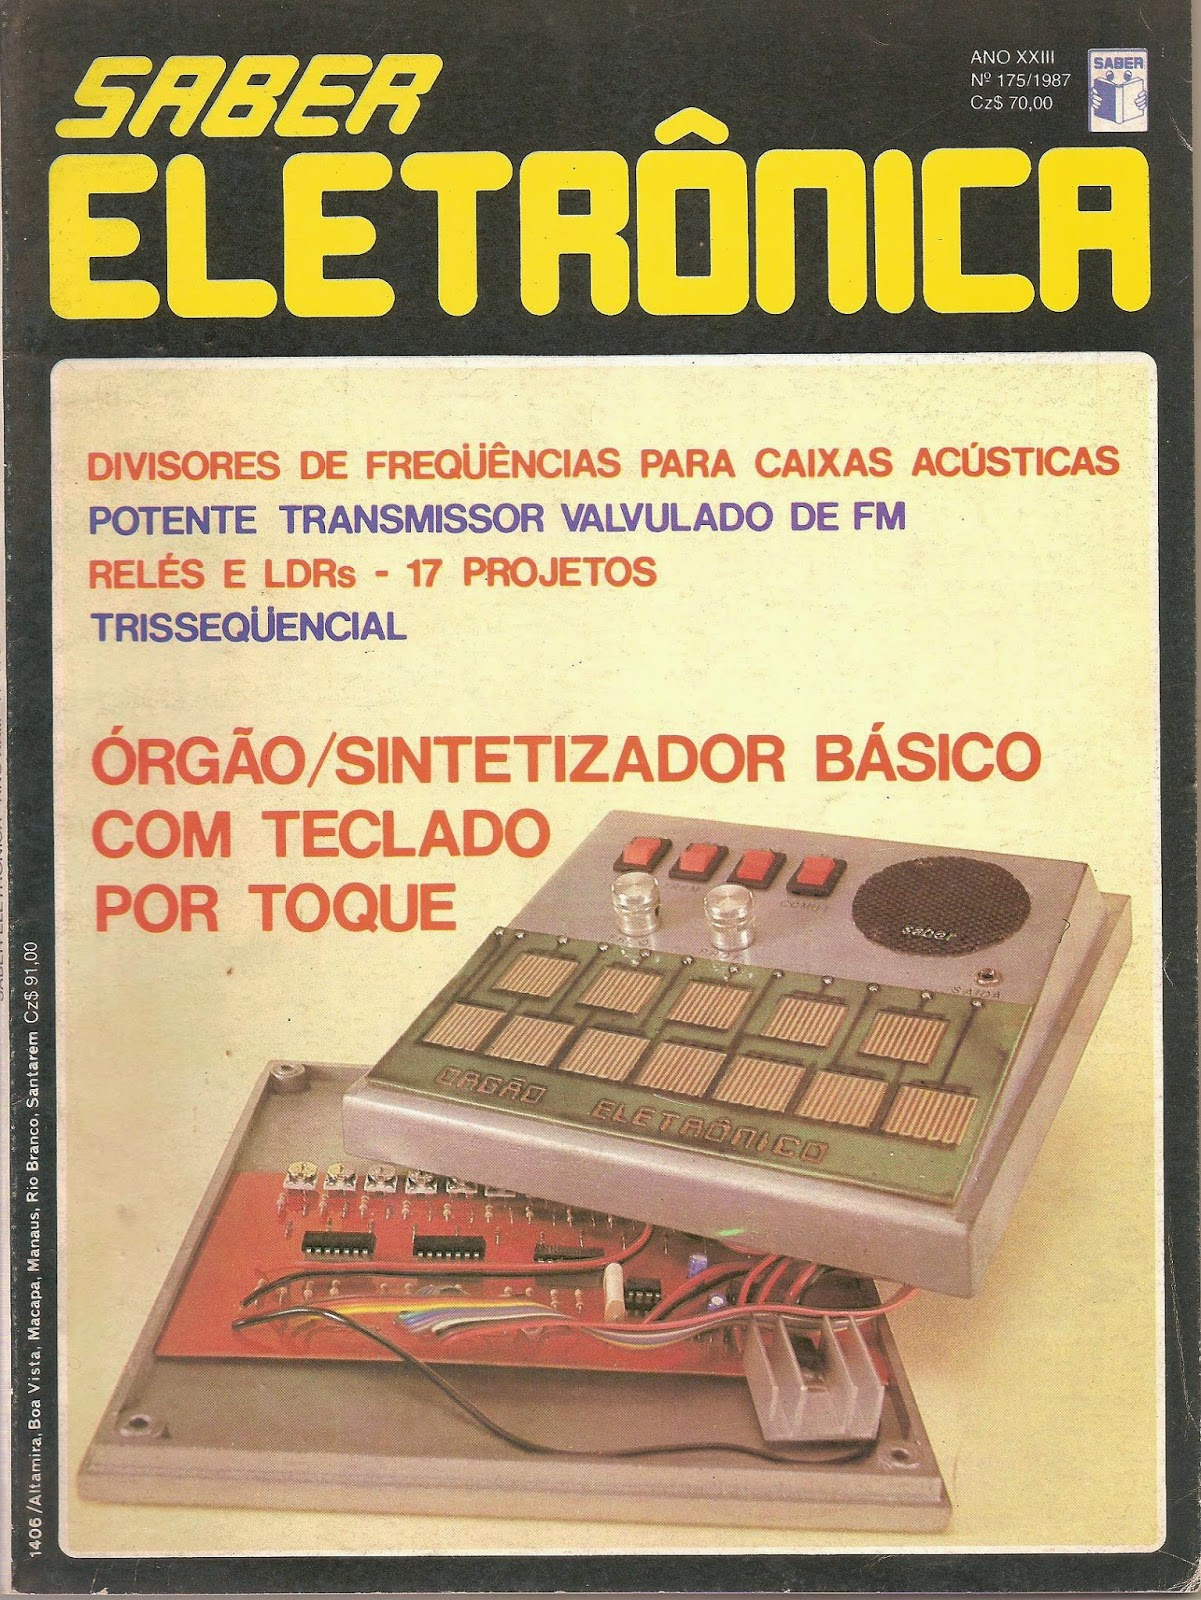 Amado FDI - FIRMWARE, DESIGN and INNOVATION: Transmissor Valvulado de FM TB69